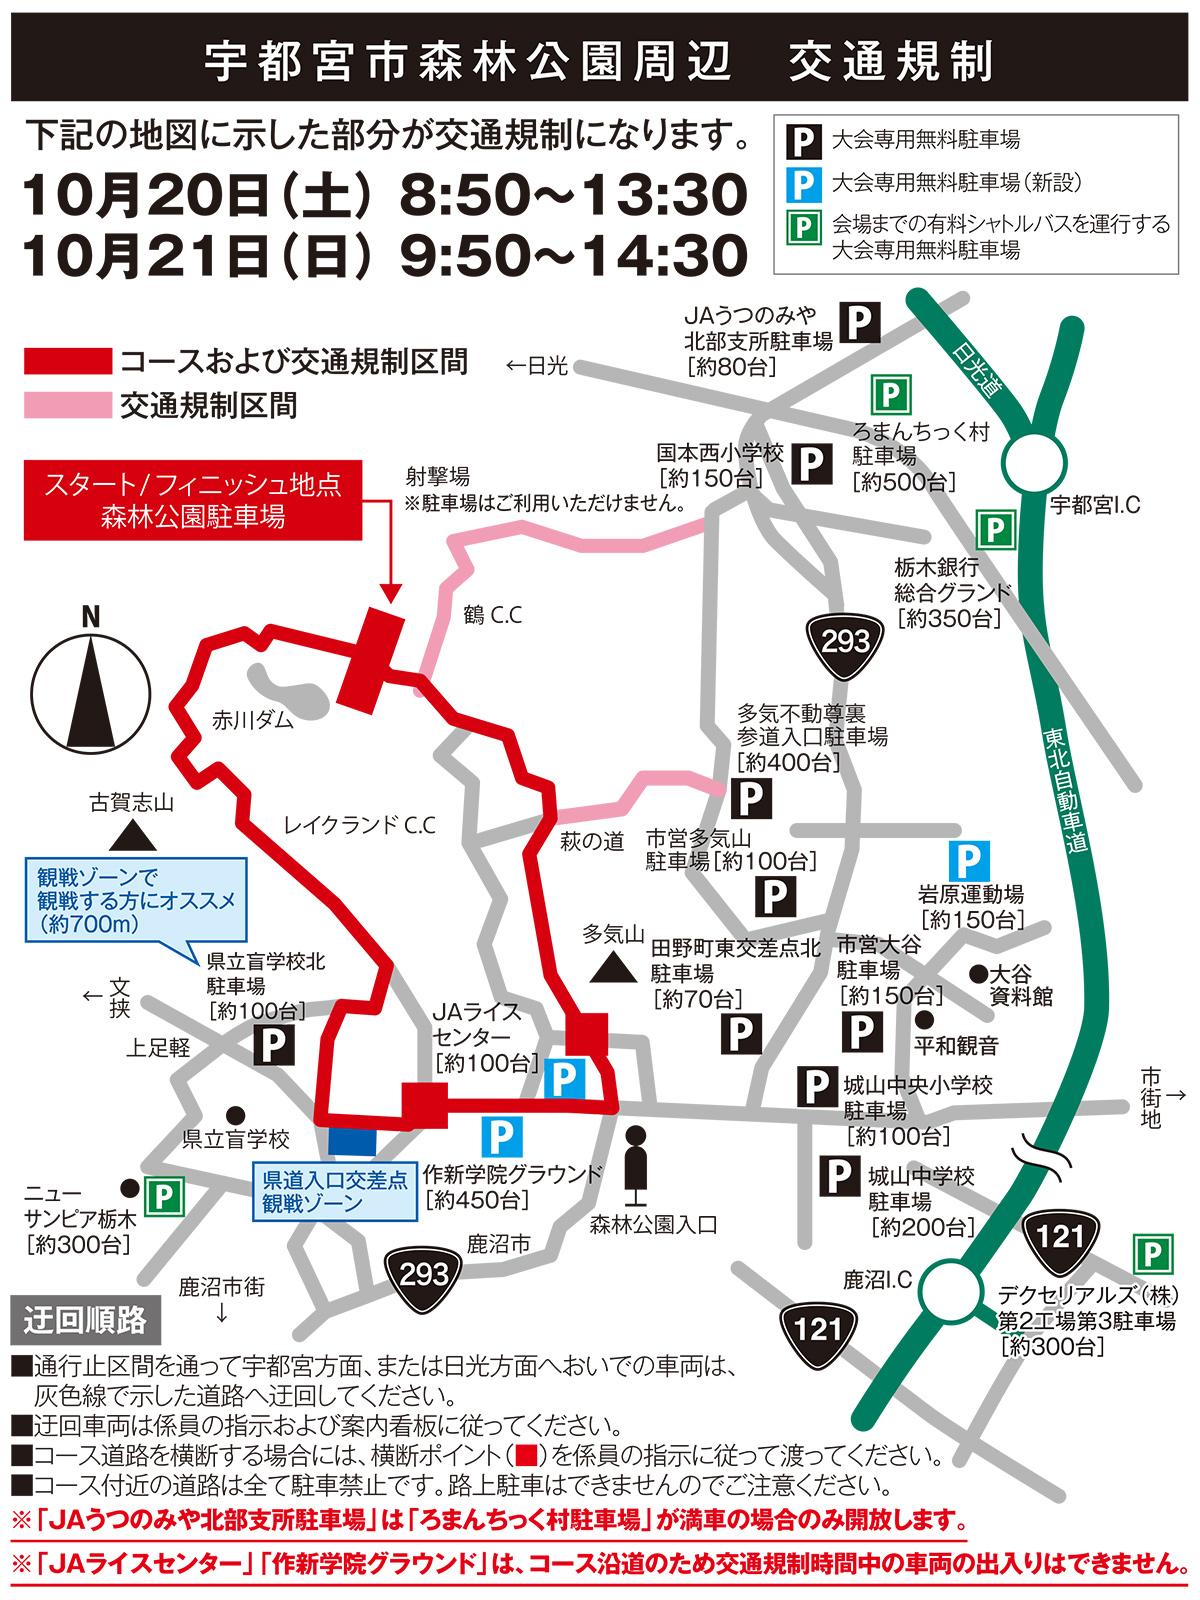 2018宇都宮市森林公園周辺 交通規制図